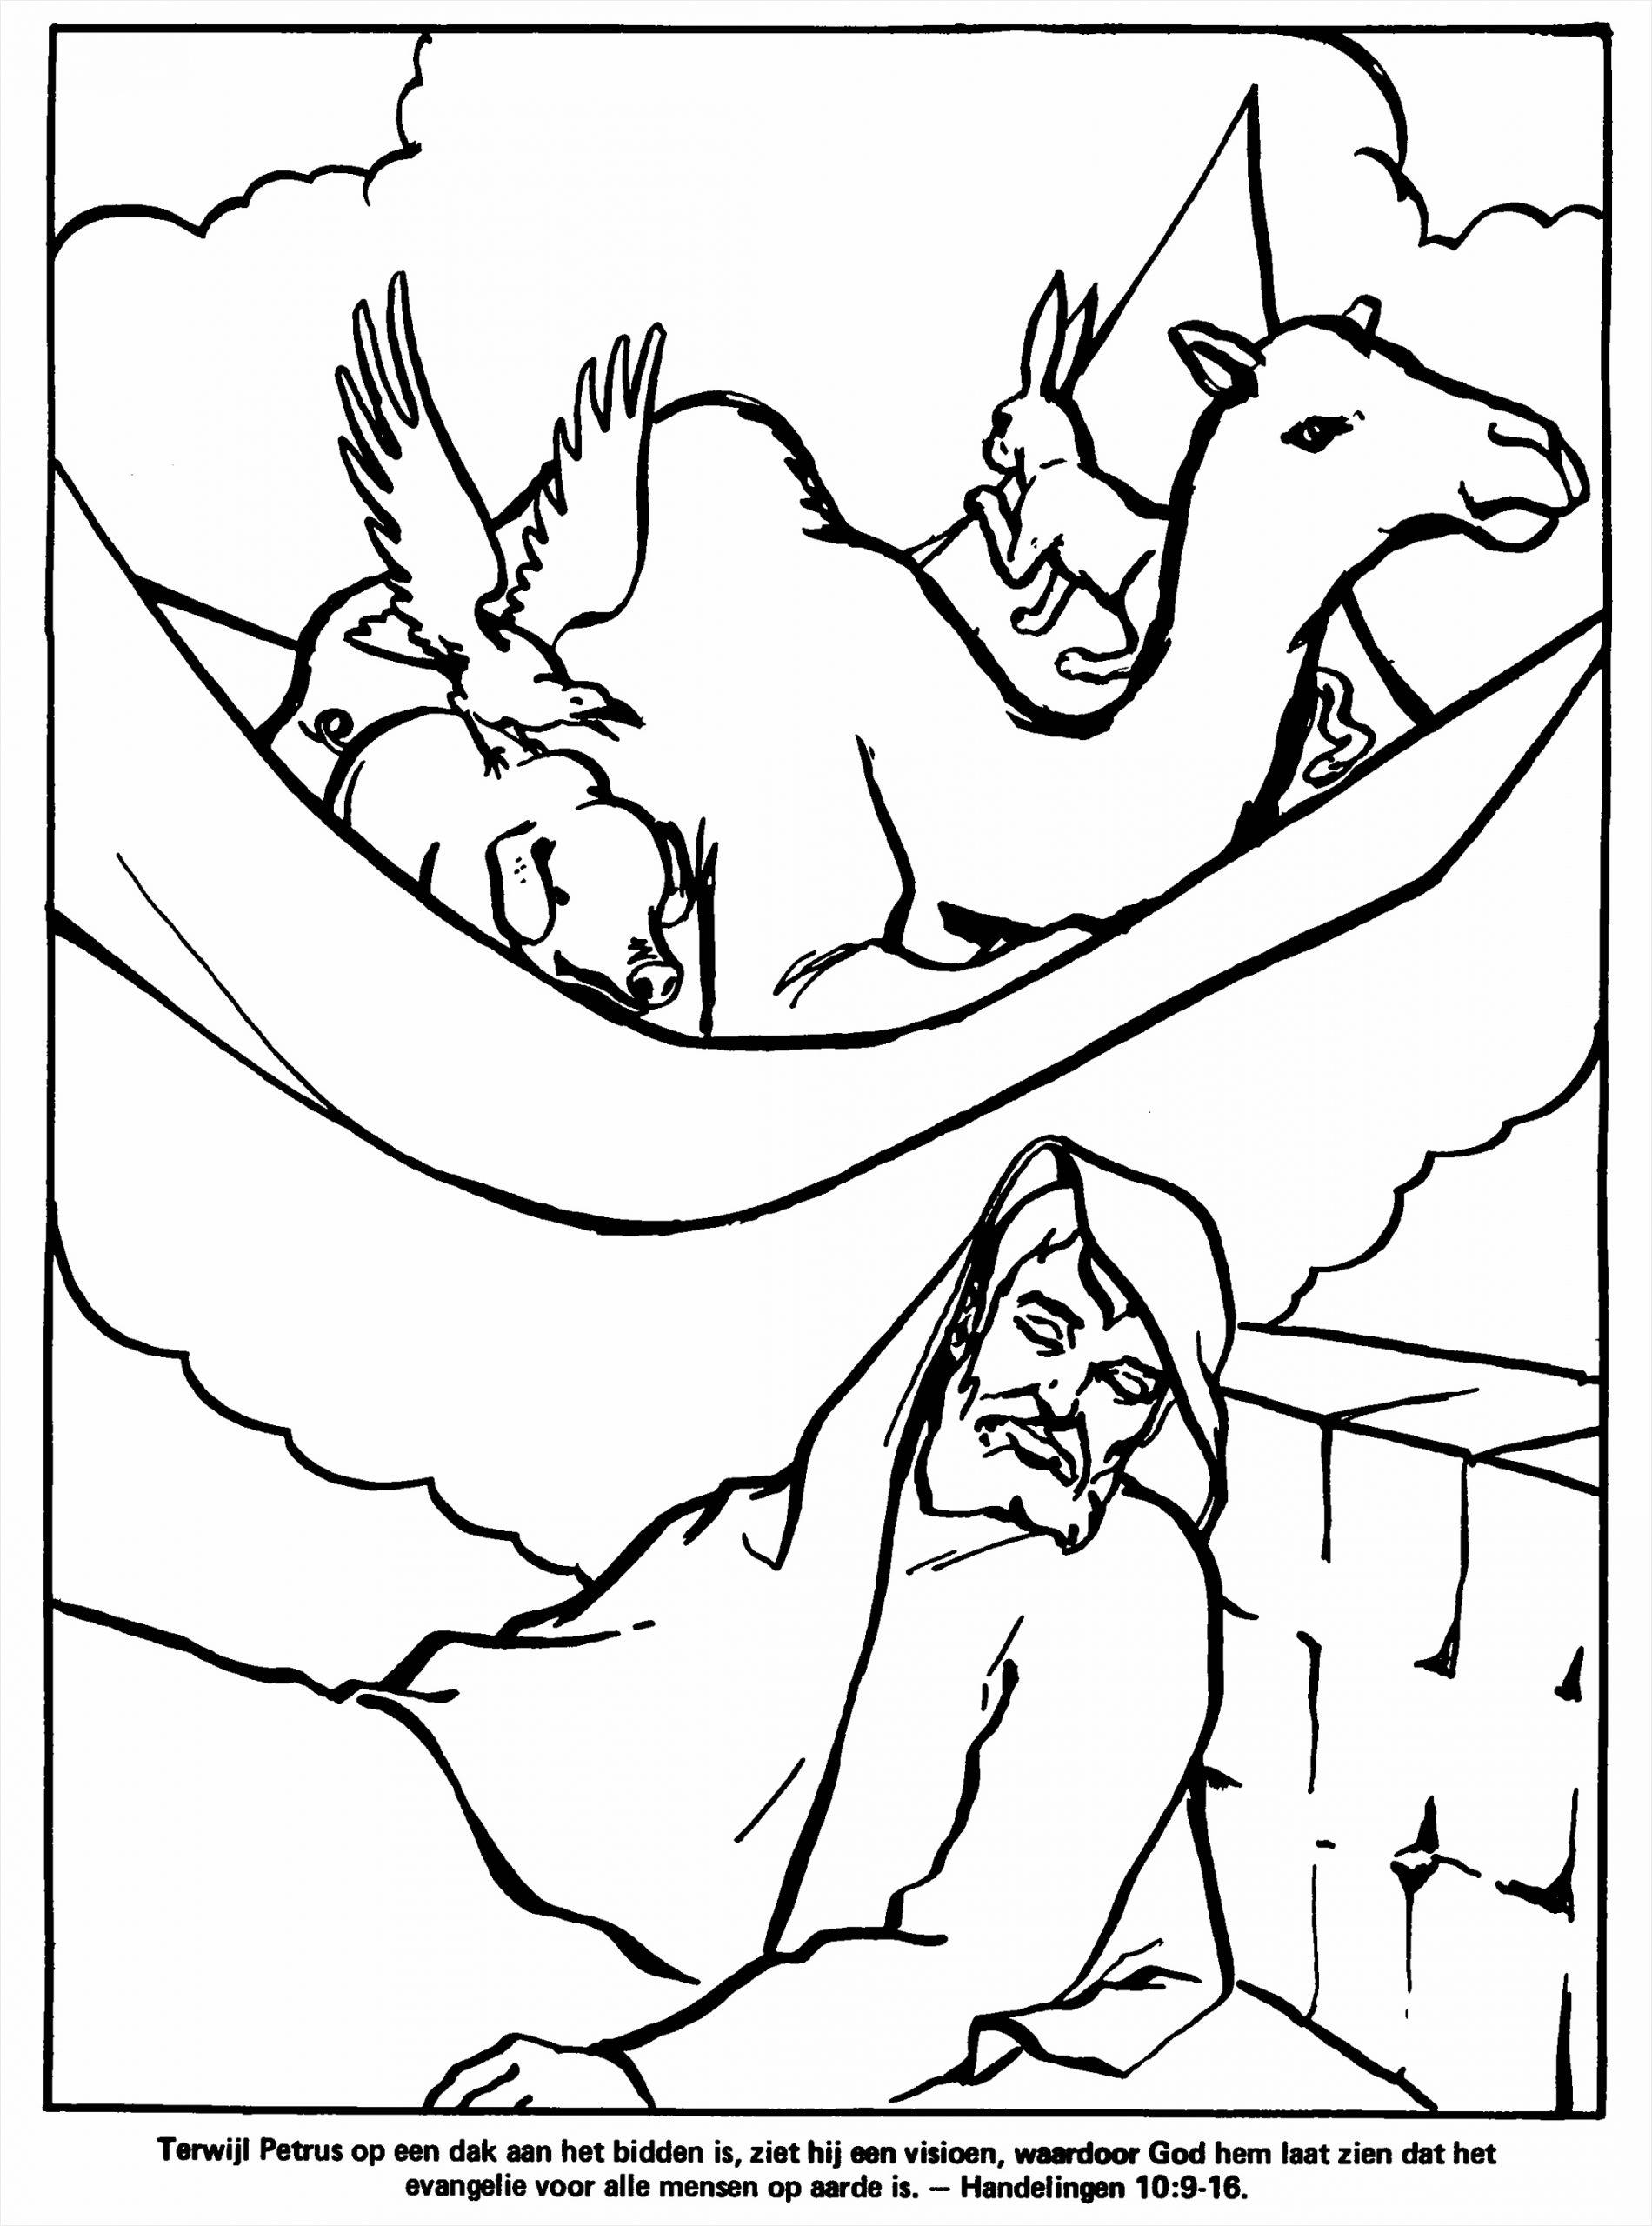 kleurplaat book=bijbel 01&image=bijbel 01 16 &oms=Terwijl Petrus op een dak aan het bidden is ziet hij een visioen waardoor God hem laat zien dat het evangelie voor alle mensen op aarde is Handelingen wxoew